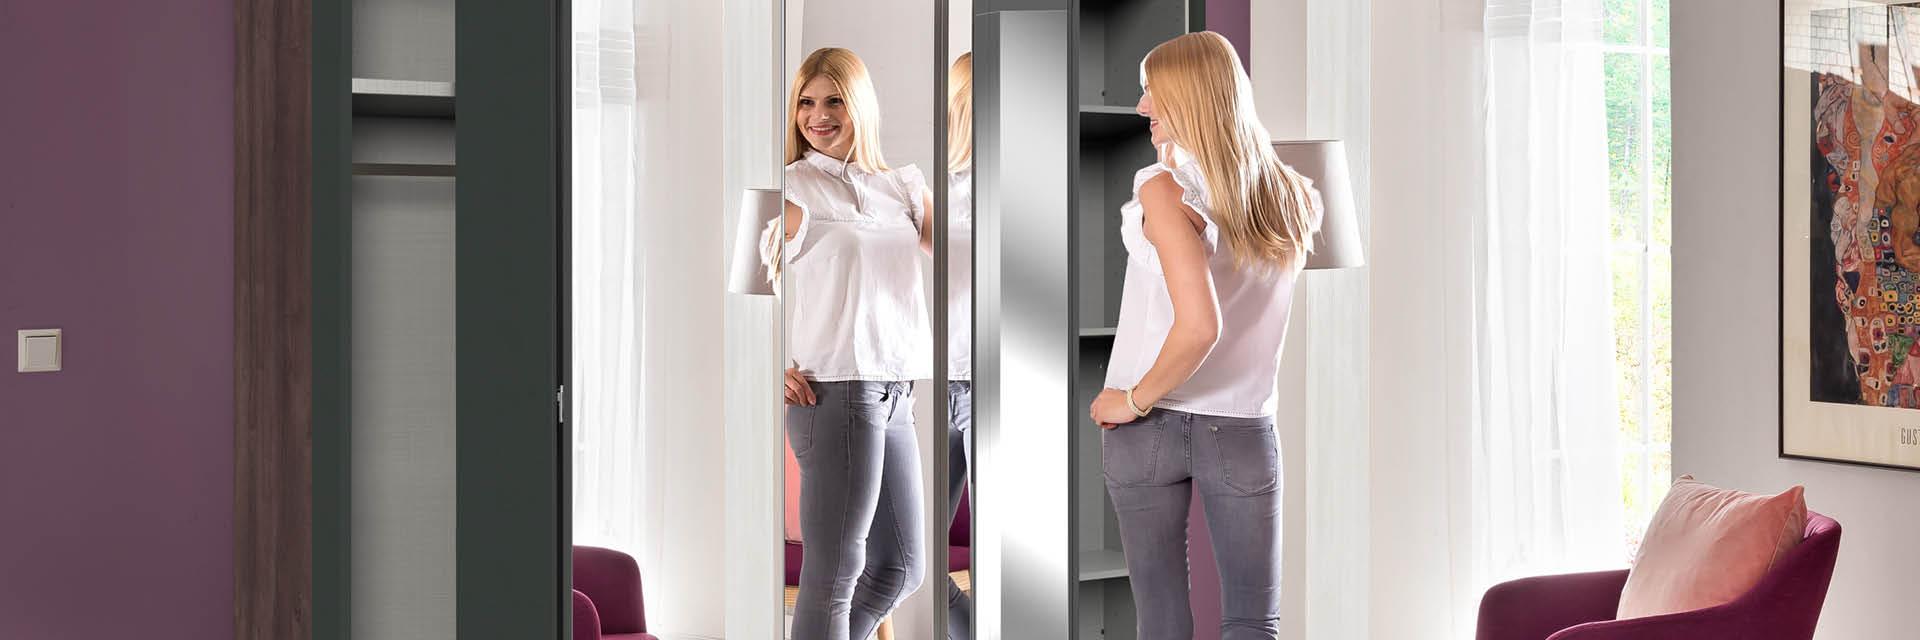 Drehtüren beim Kleiderschrank